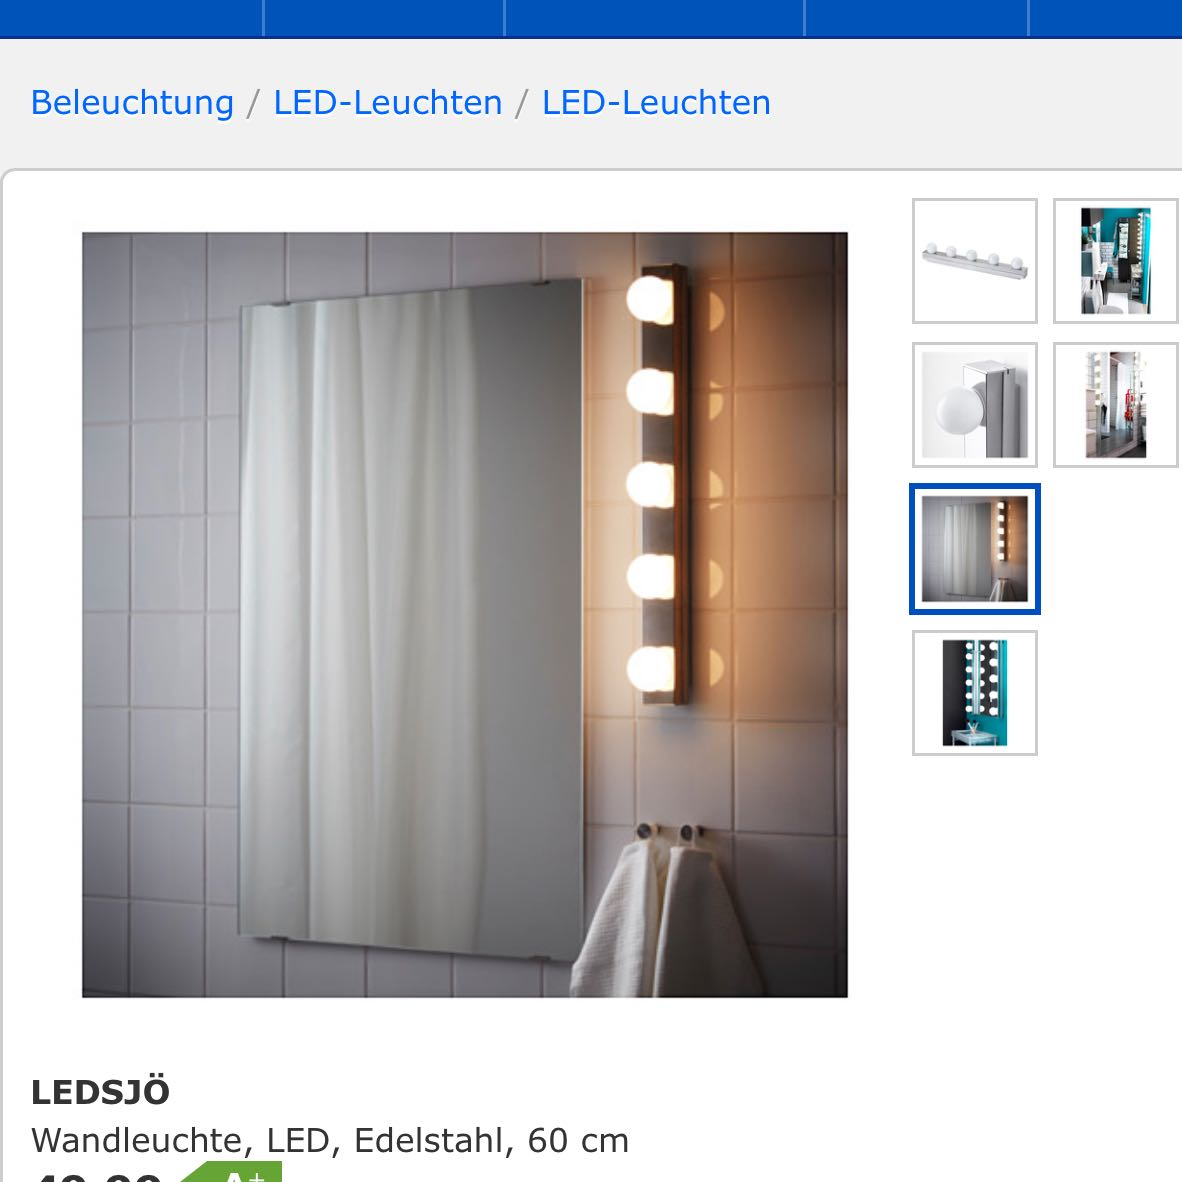 muss das kabel verlegt werden oder direkt in die steckdose licht lampe. Black Bedroom Furniture Sets. Home Design Ideas